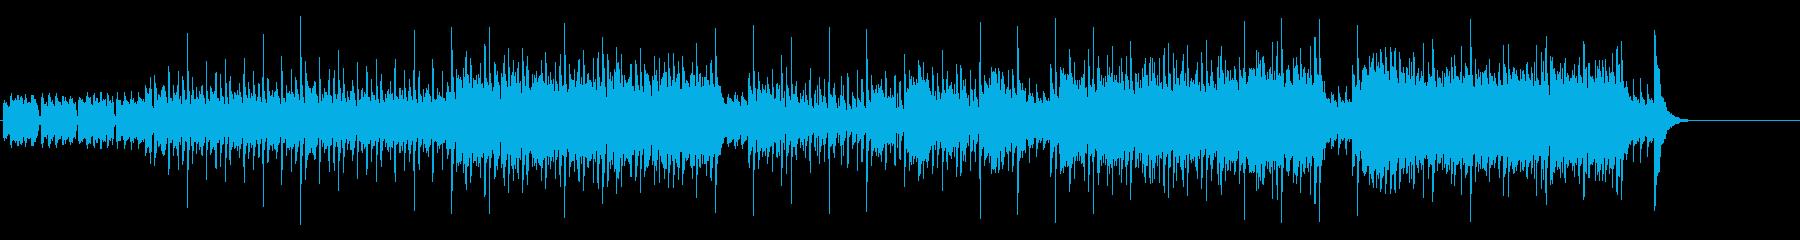 ホットでダンサブルなサウンドの再生済みの波形